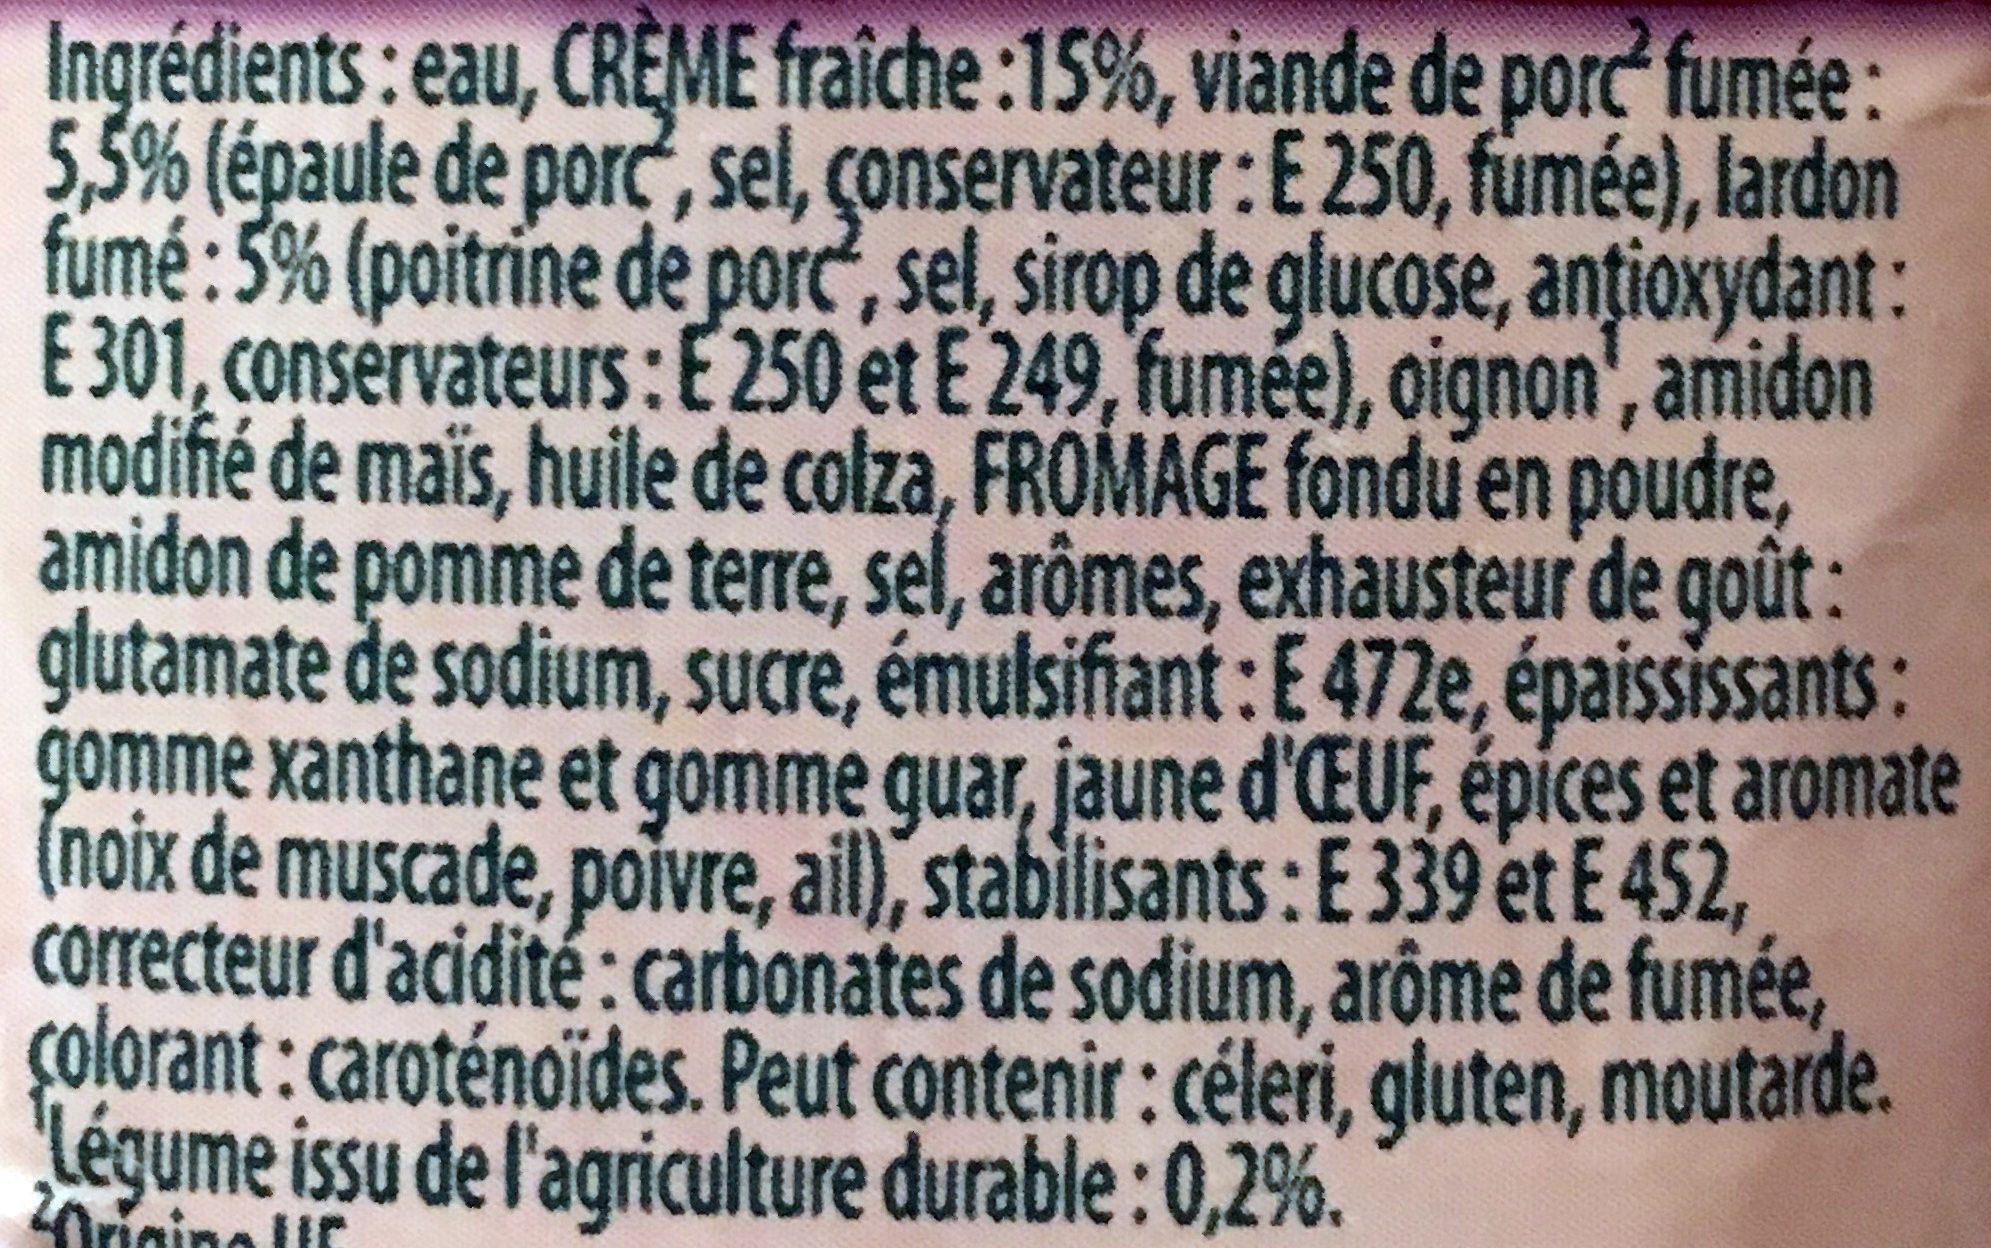 414G Sauce Pate Carbonara Knorr - Ingredients - fr